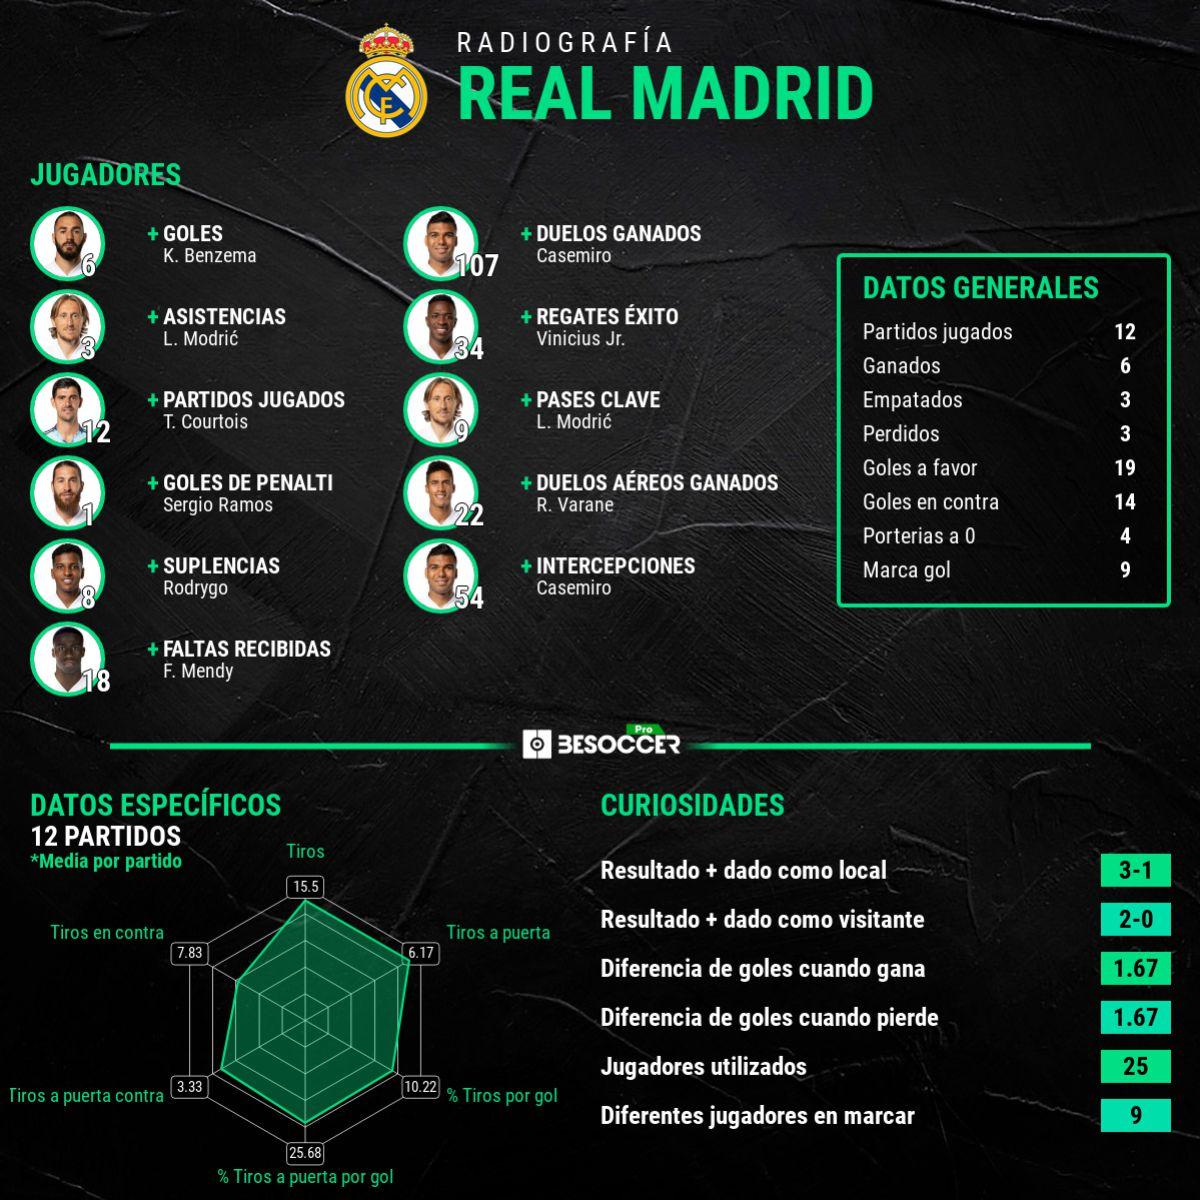 El Real Madrid gana 113 M€ en la Champions esta temporada 1